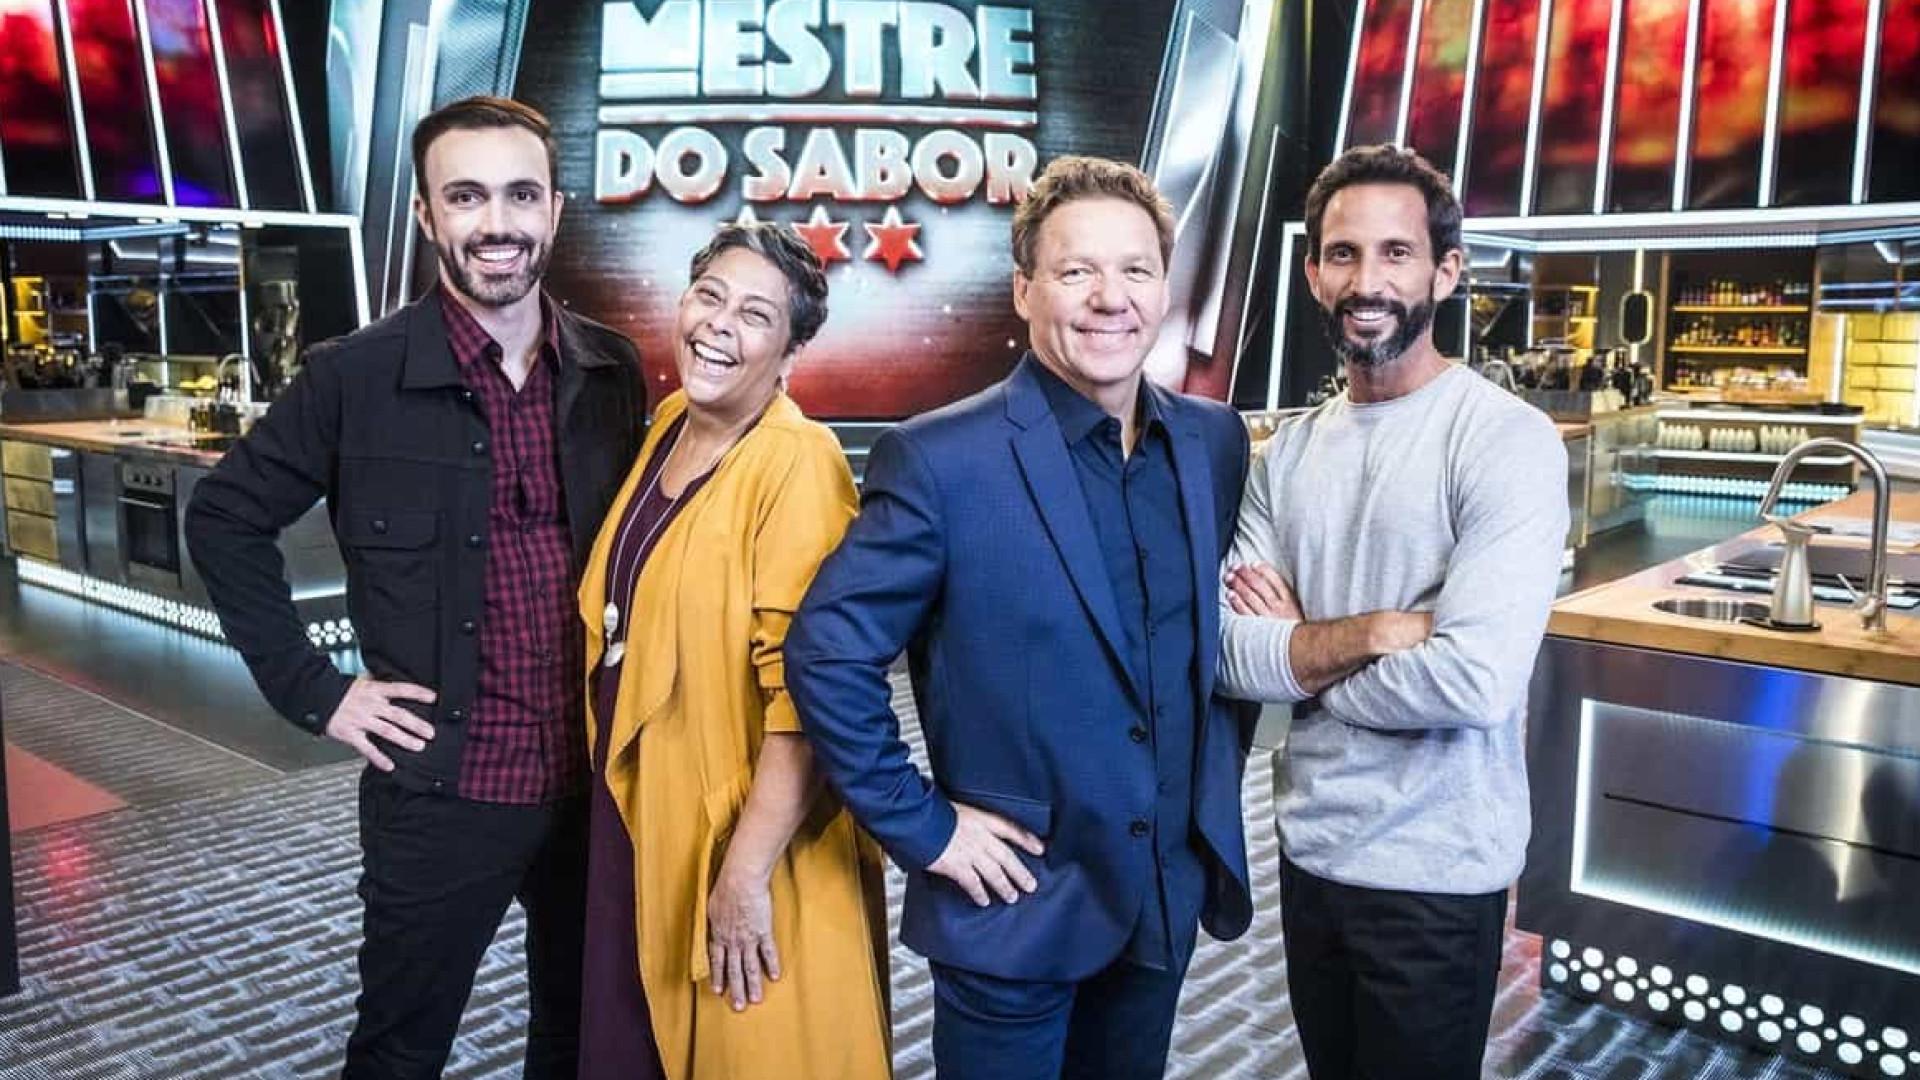 'Mestre de Sabor' decepciona o público e derruba audiência da Globo